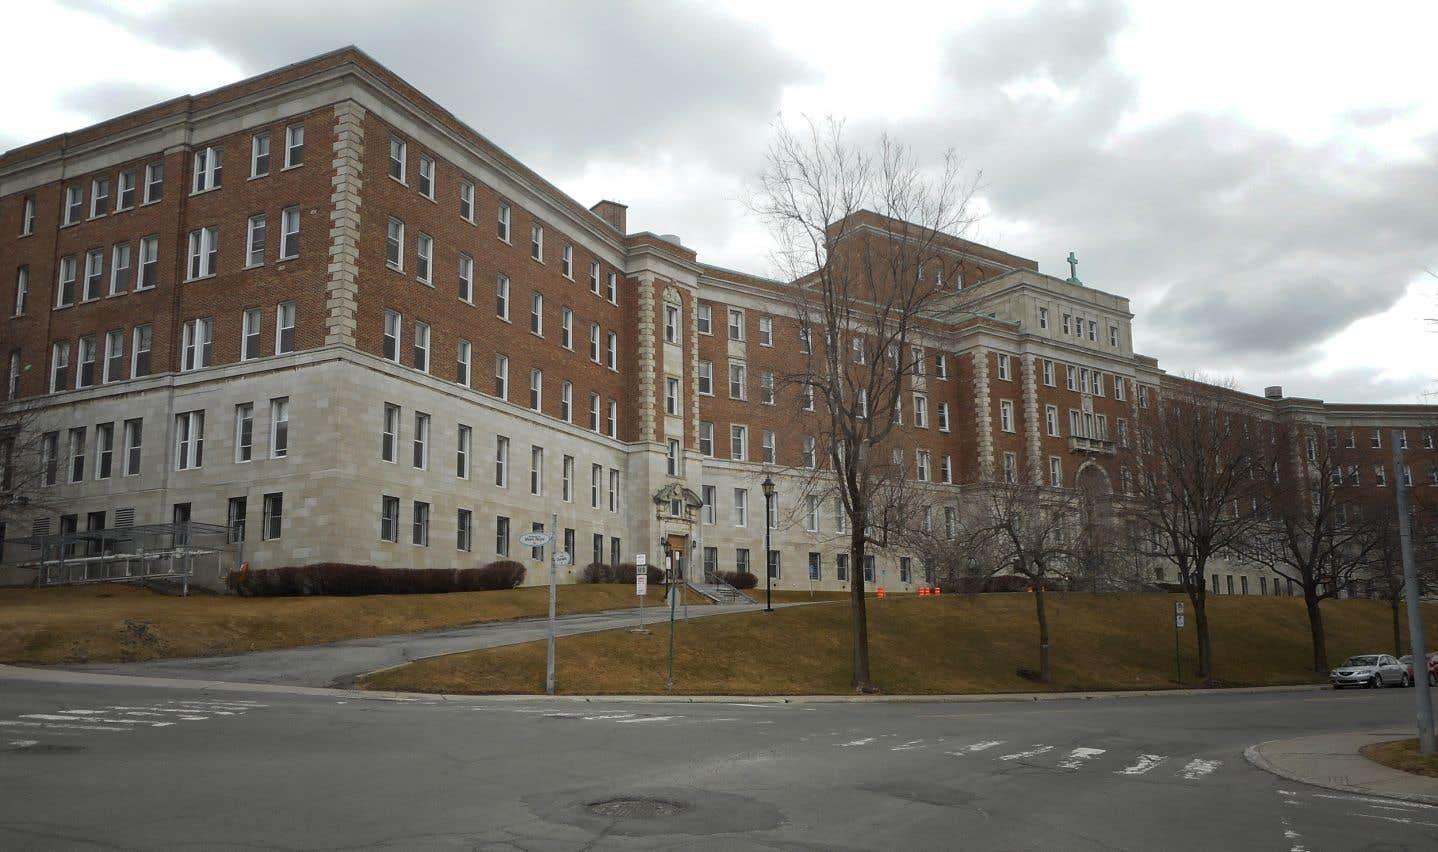 «L'Université aurait pu, à l'instar de ce que font les universités canadiennes anglophones, louer le 1420 par bail emphytéotique à une entreprise,encore mieux à un groupe sans but lucratif, pour que l'immeuble soit recyclé en complexe résidentiel pour des étudiants et des professeurs de passage,» selon l'auteur.